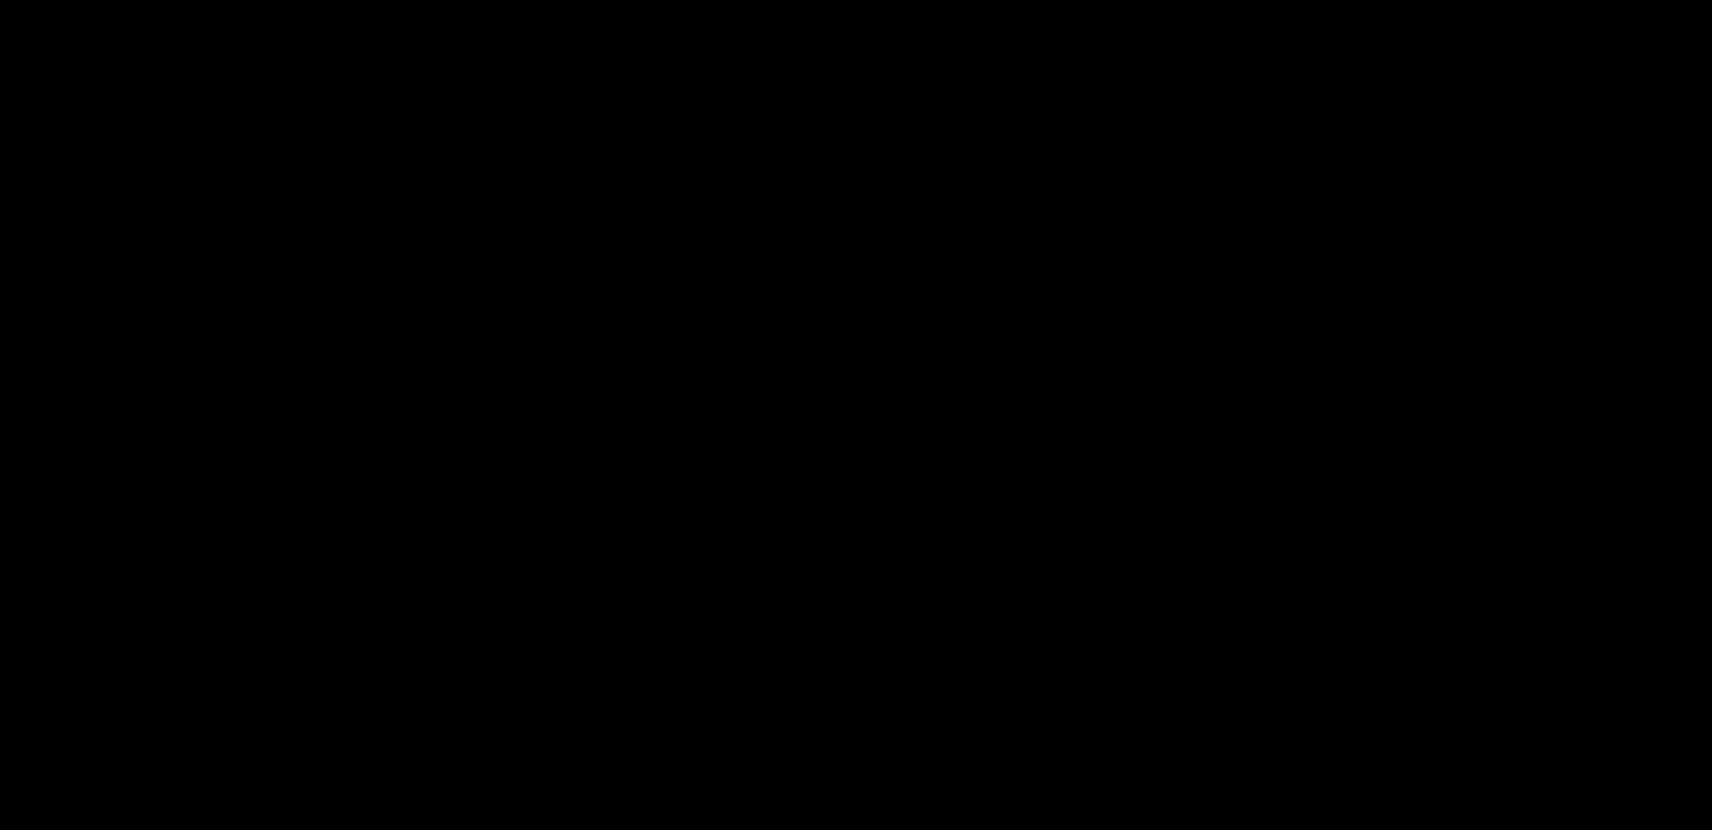 2-Fluoro-4-(4-methyl-1-piperazinylcarbonyl)benzeneboronic acid pinacol ester